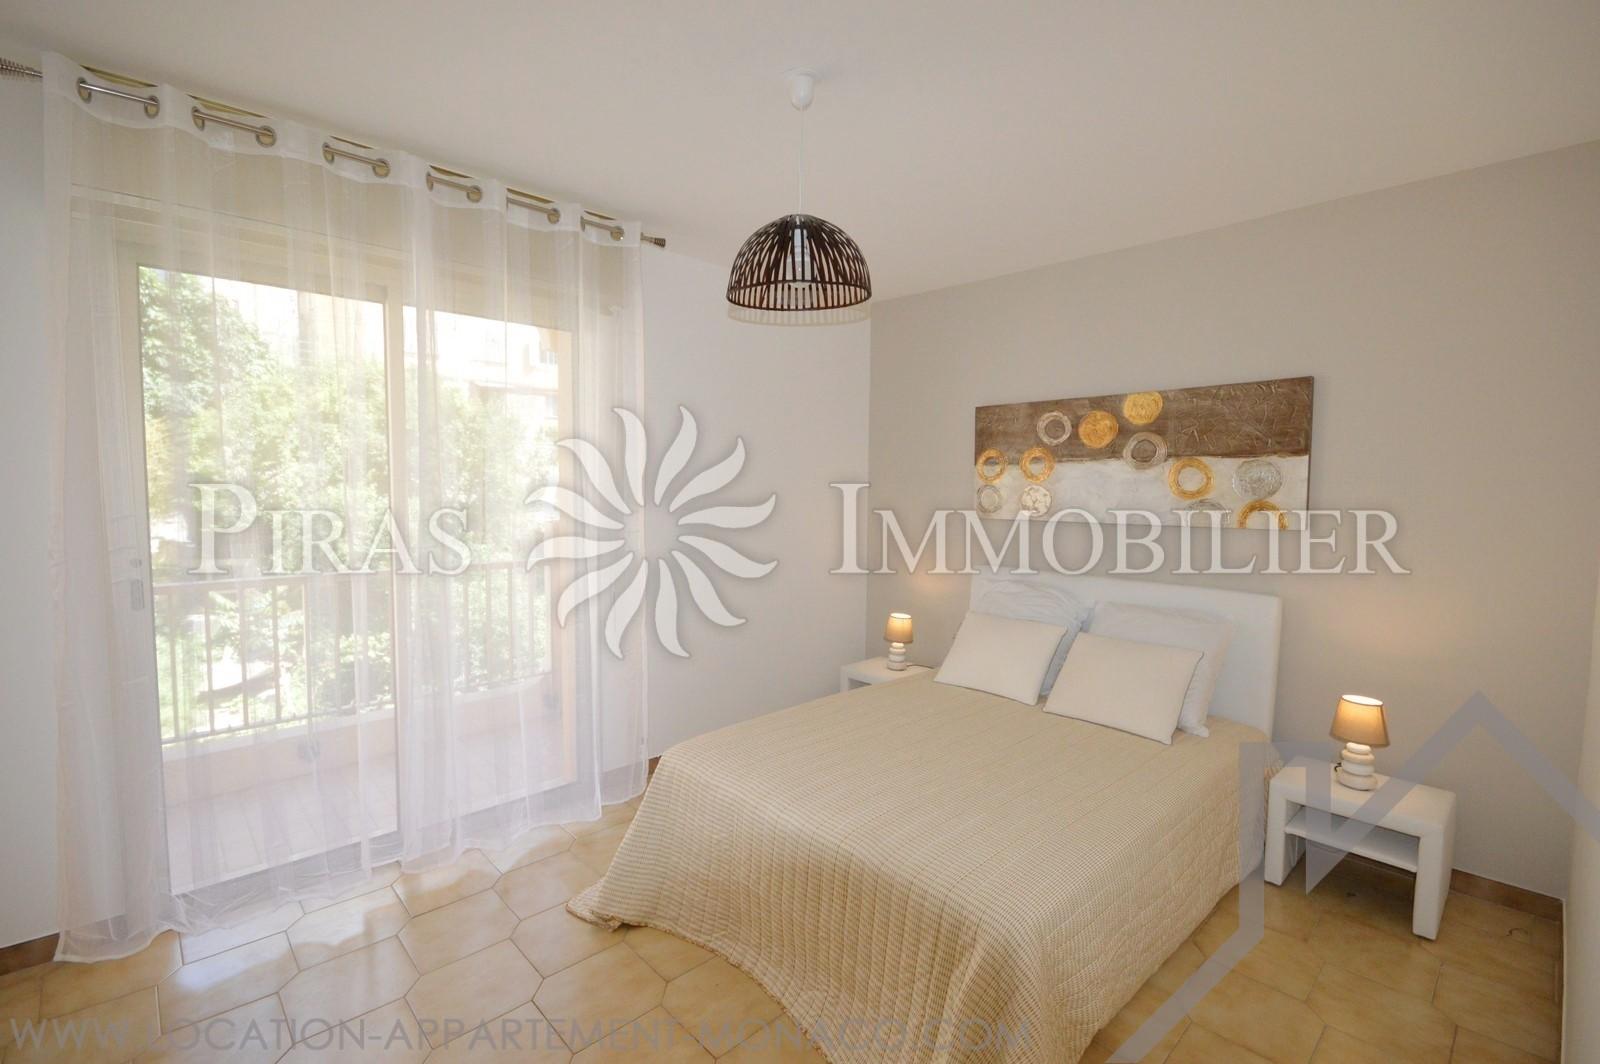 Appartamento vacanze 2 camere appartamenti da for Camere affitto